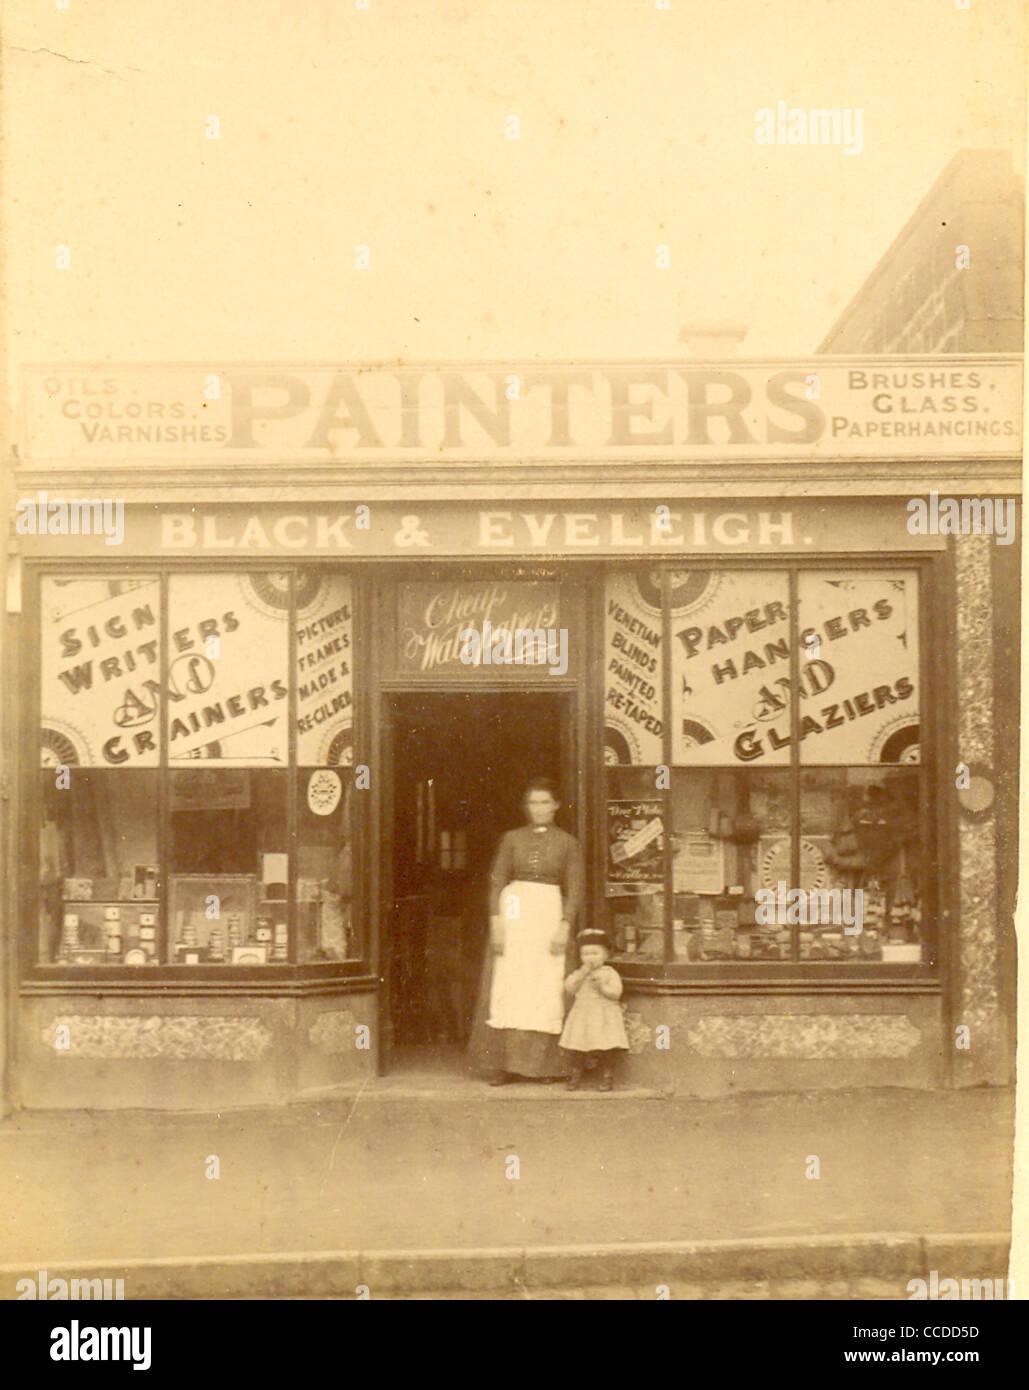 Fotografía del gabinete de signo escritor y pintores shop, Black & Eveleigh Foto de stock